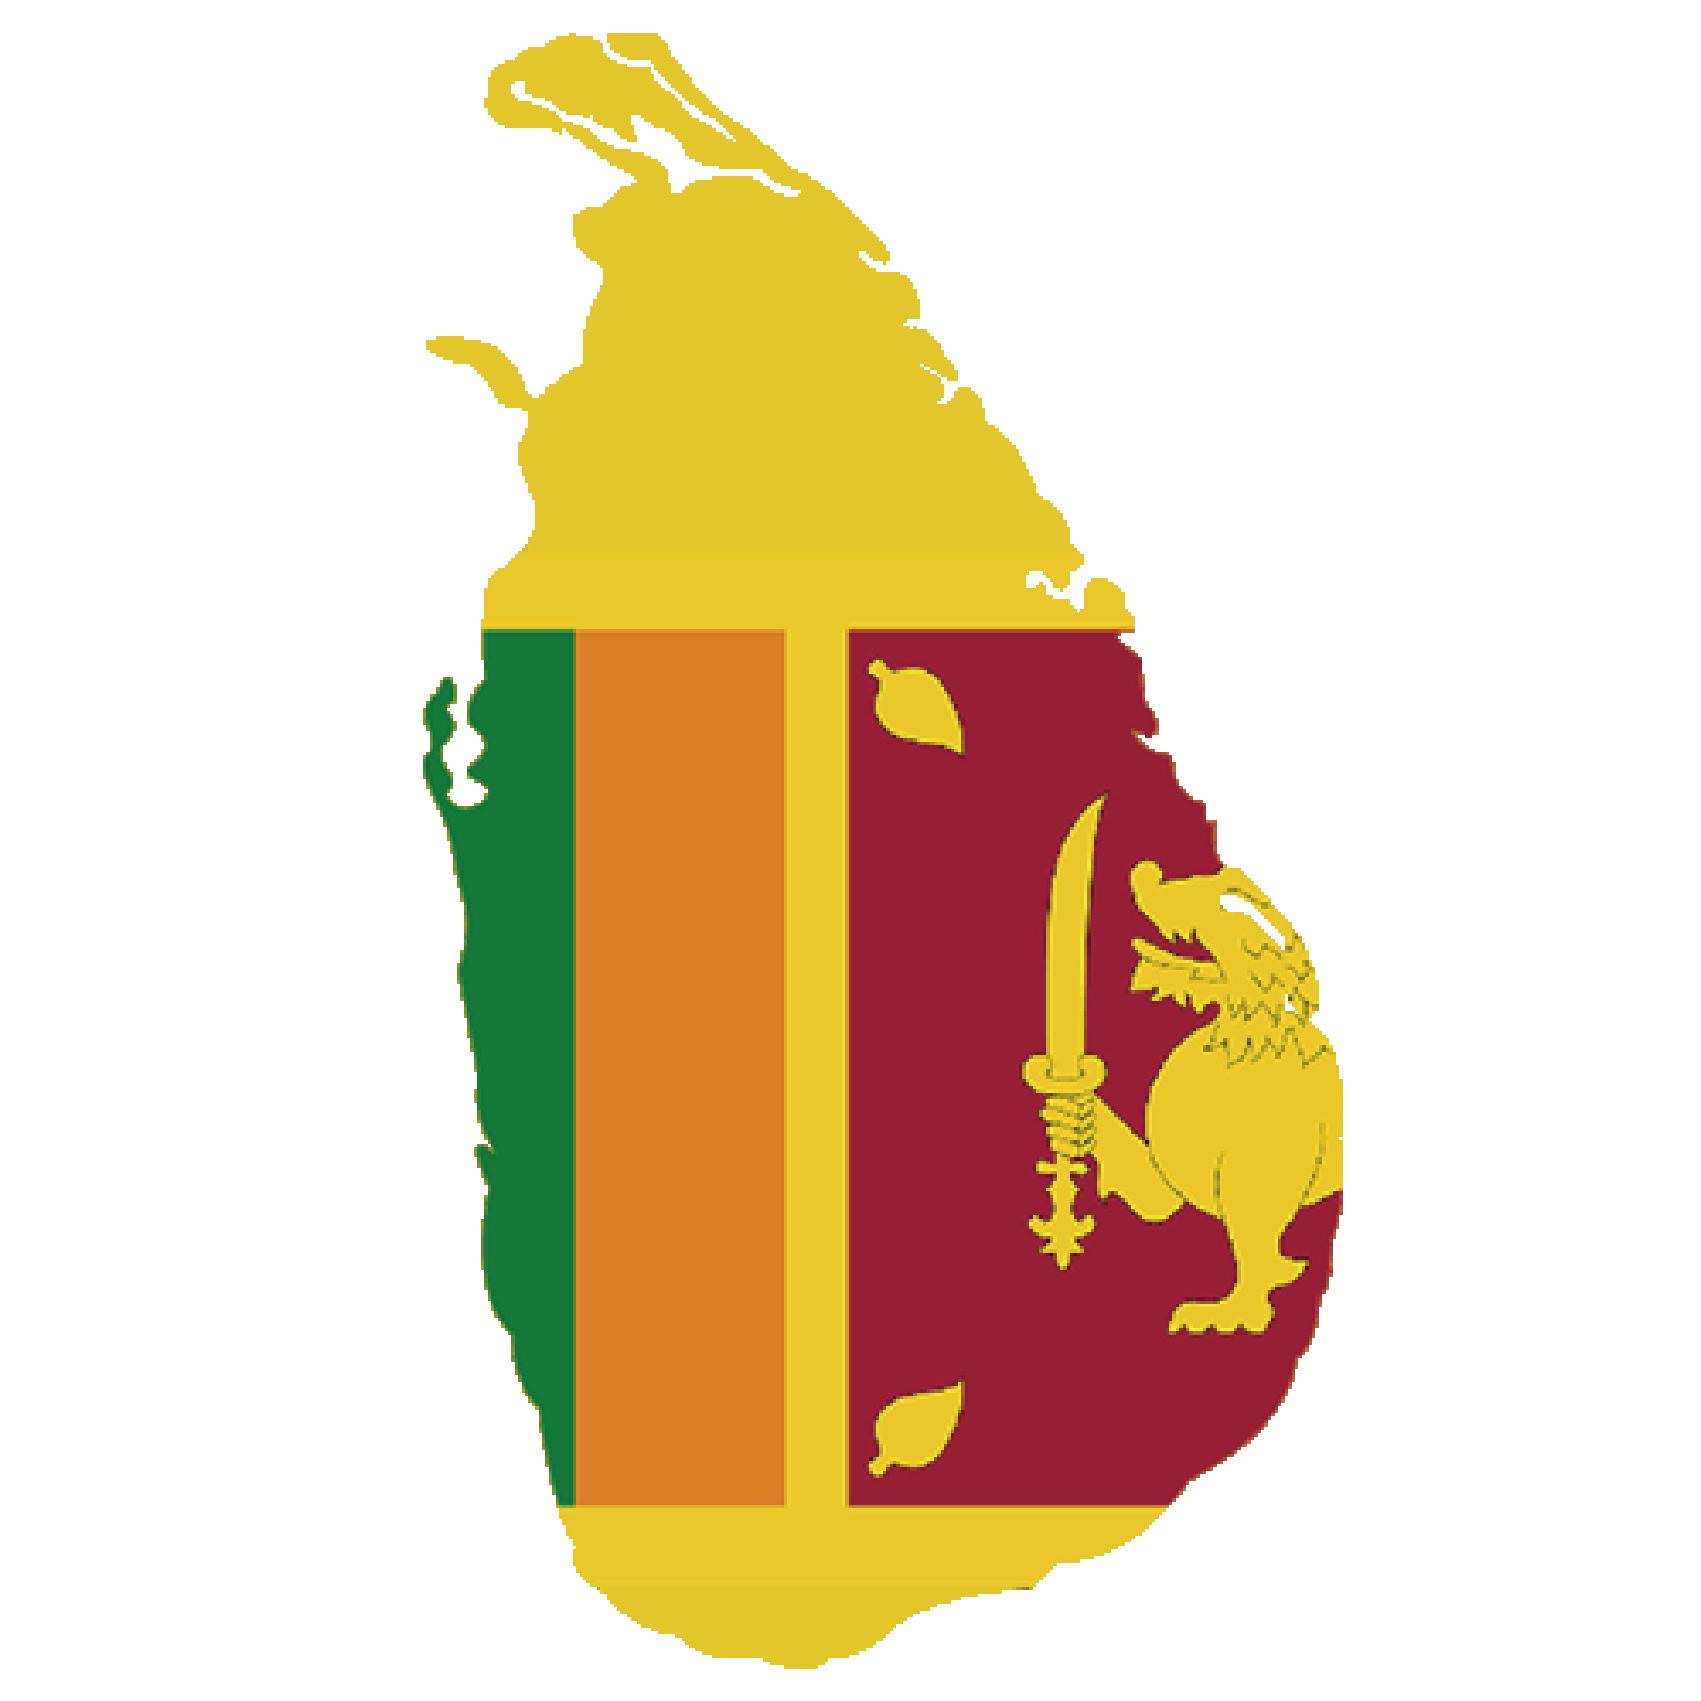 Flag of Sri ranka, the partner of barskorea.